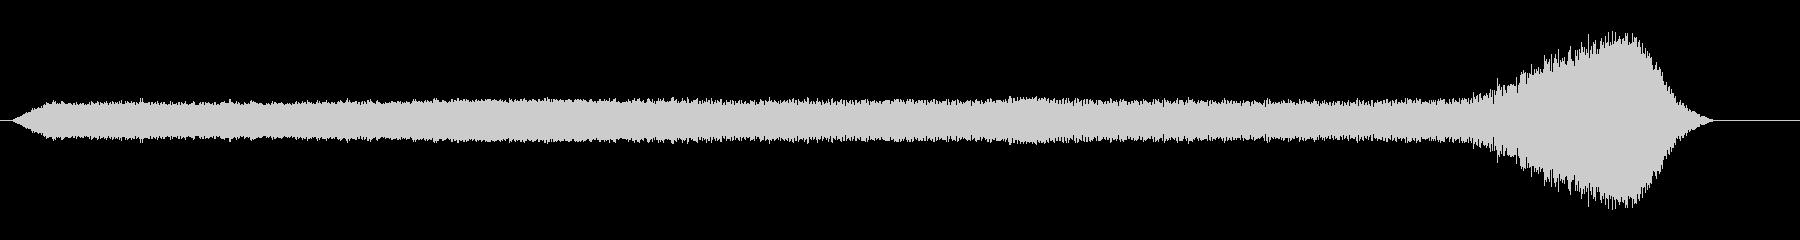 フィードバック付き電気電気ハム2の未再生の波形